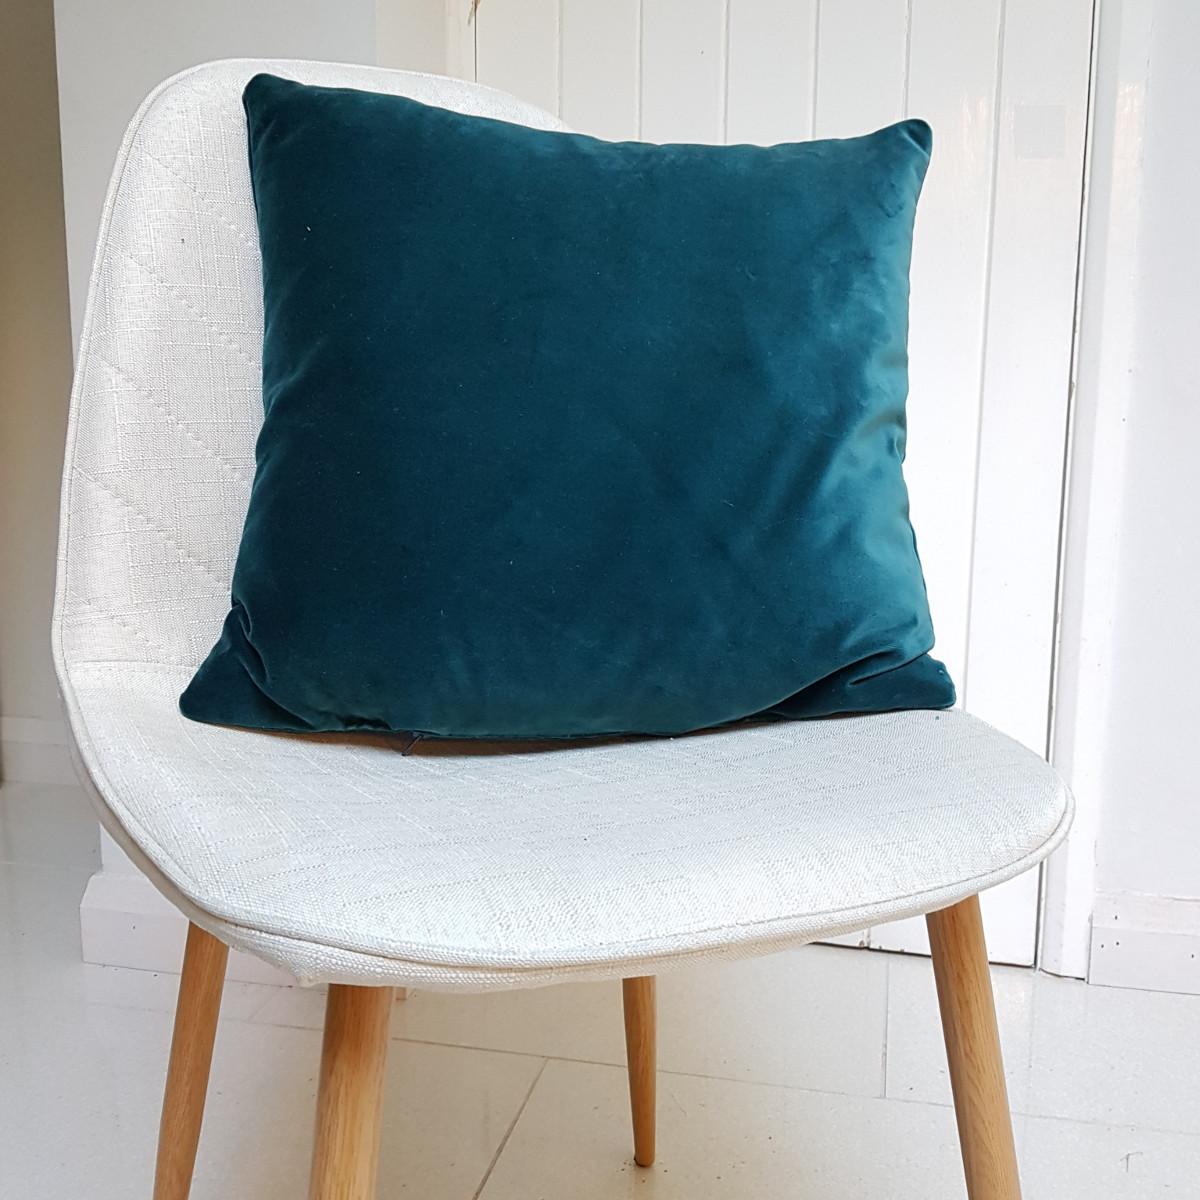 Blue Velvet Cushion Delaney Designs